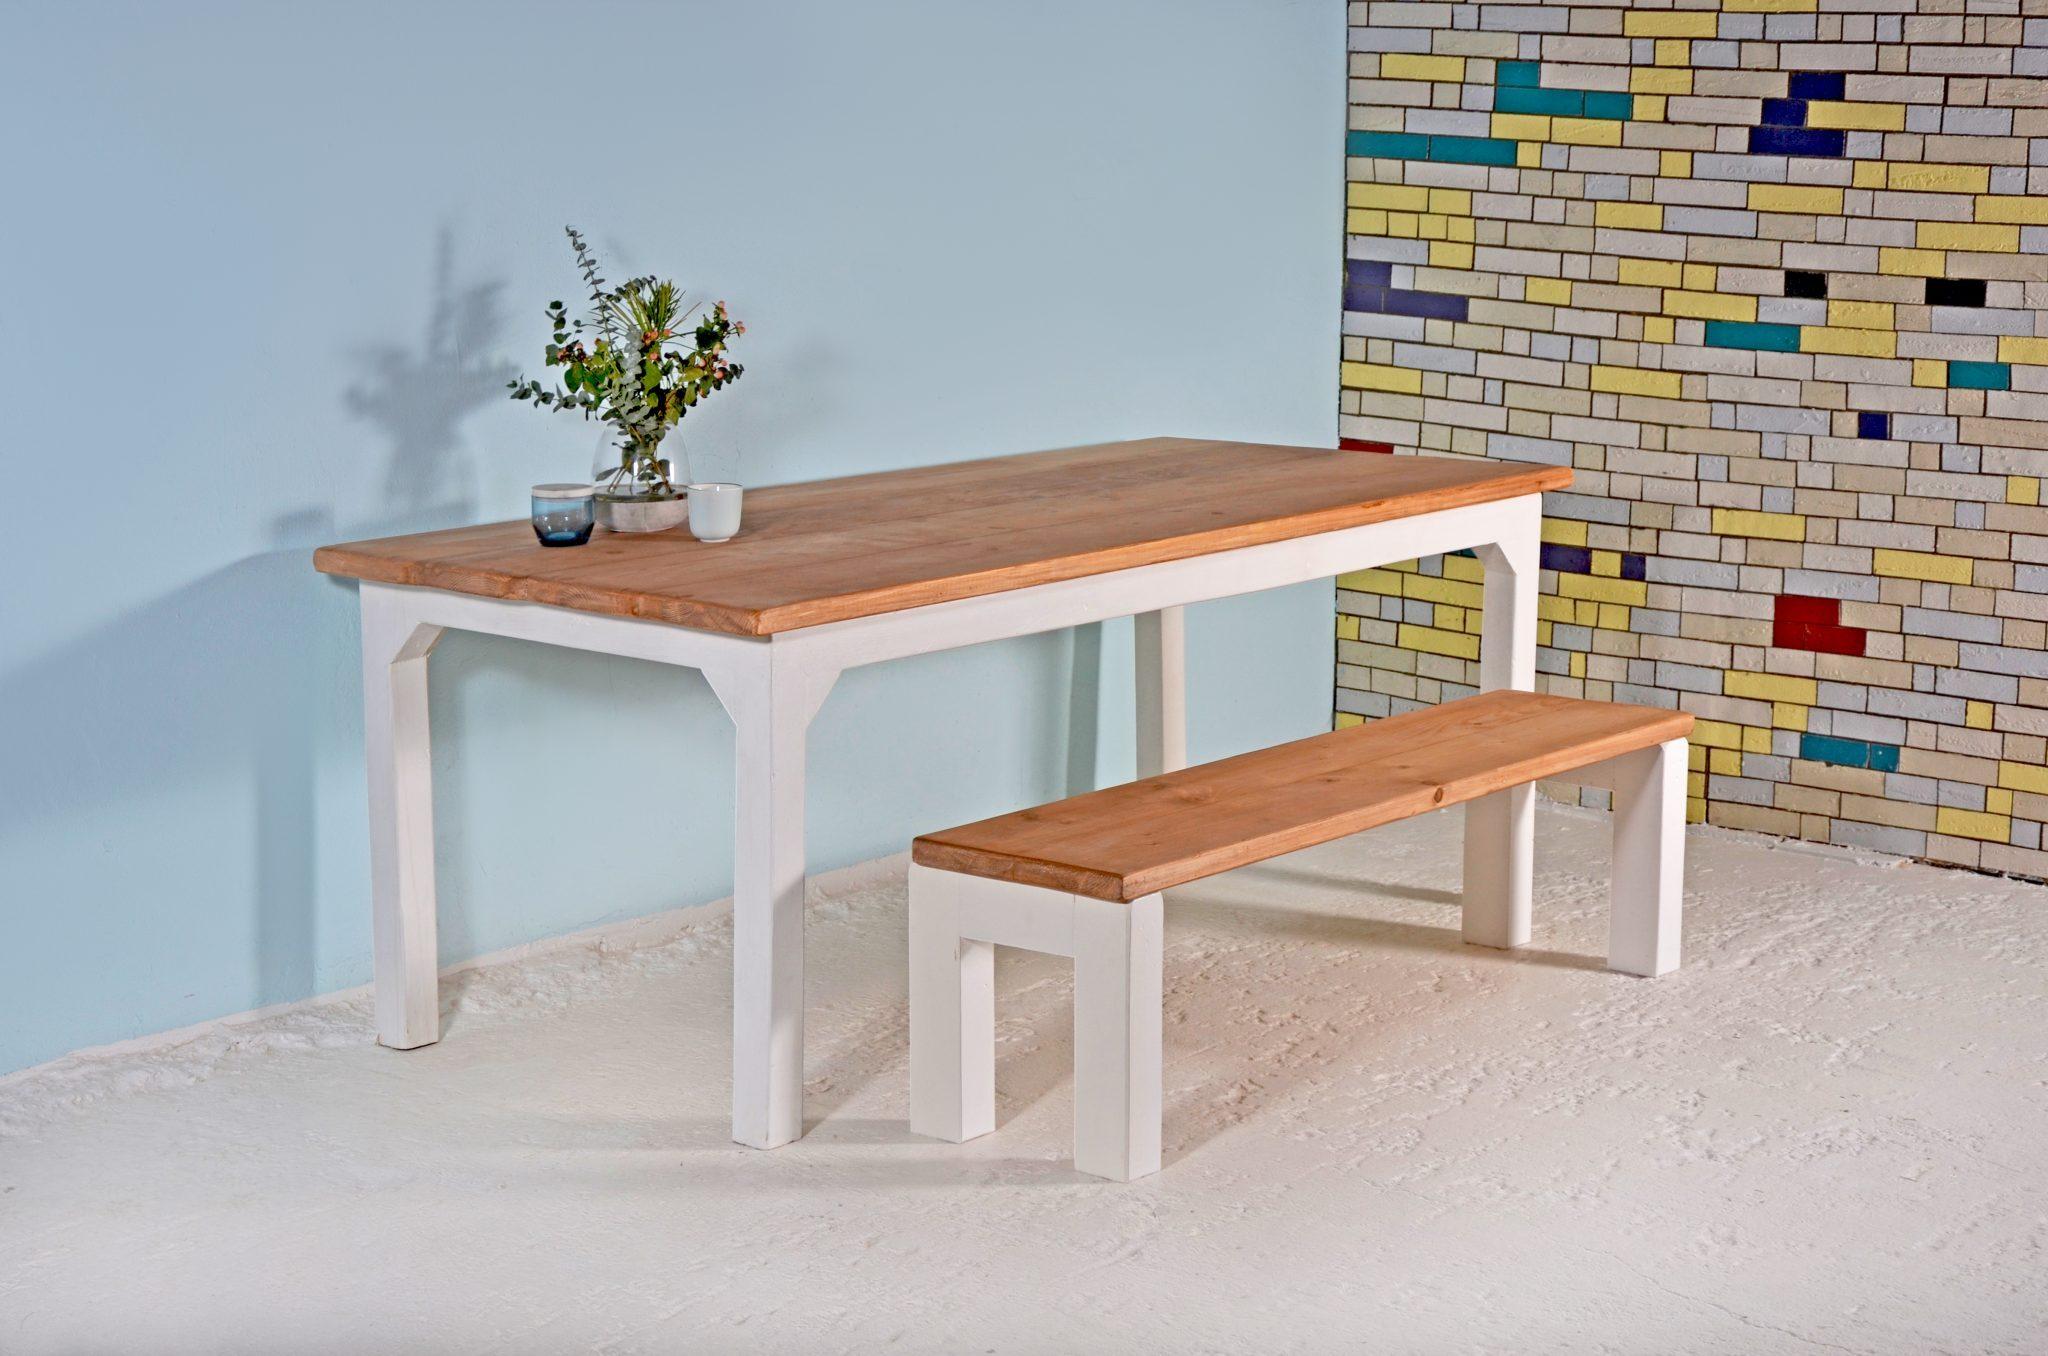 esstisch und sitzbank kotti jetzt online kaufen. Black Bedroom Furniture Sets. Home Design Ideas